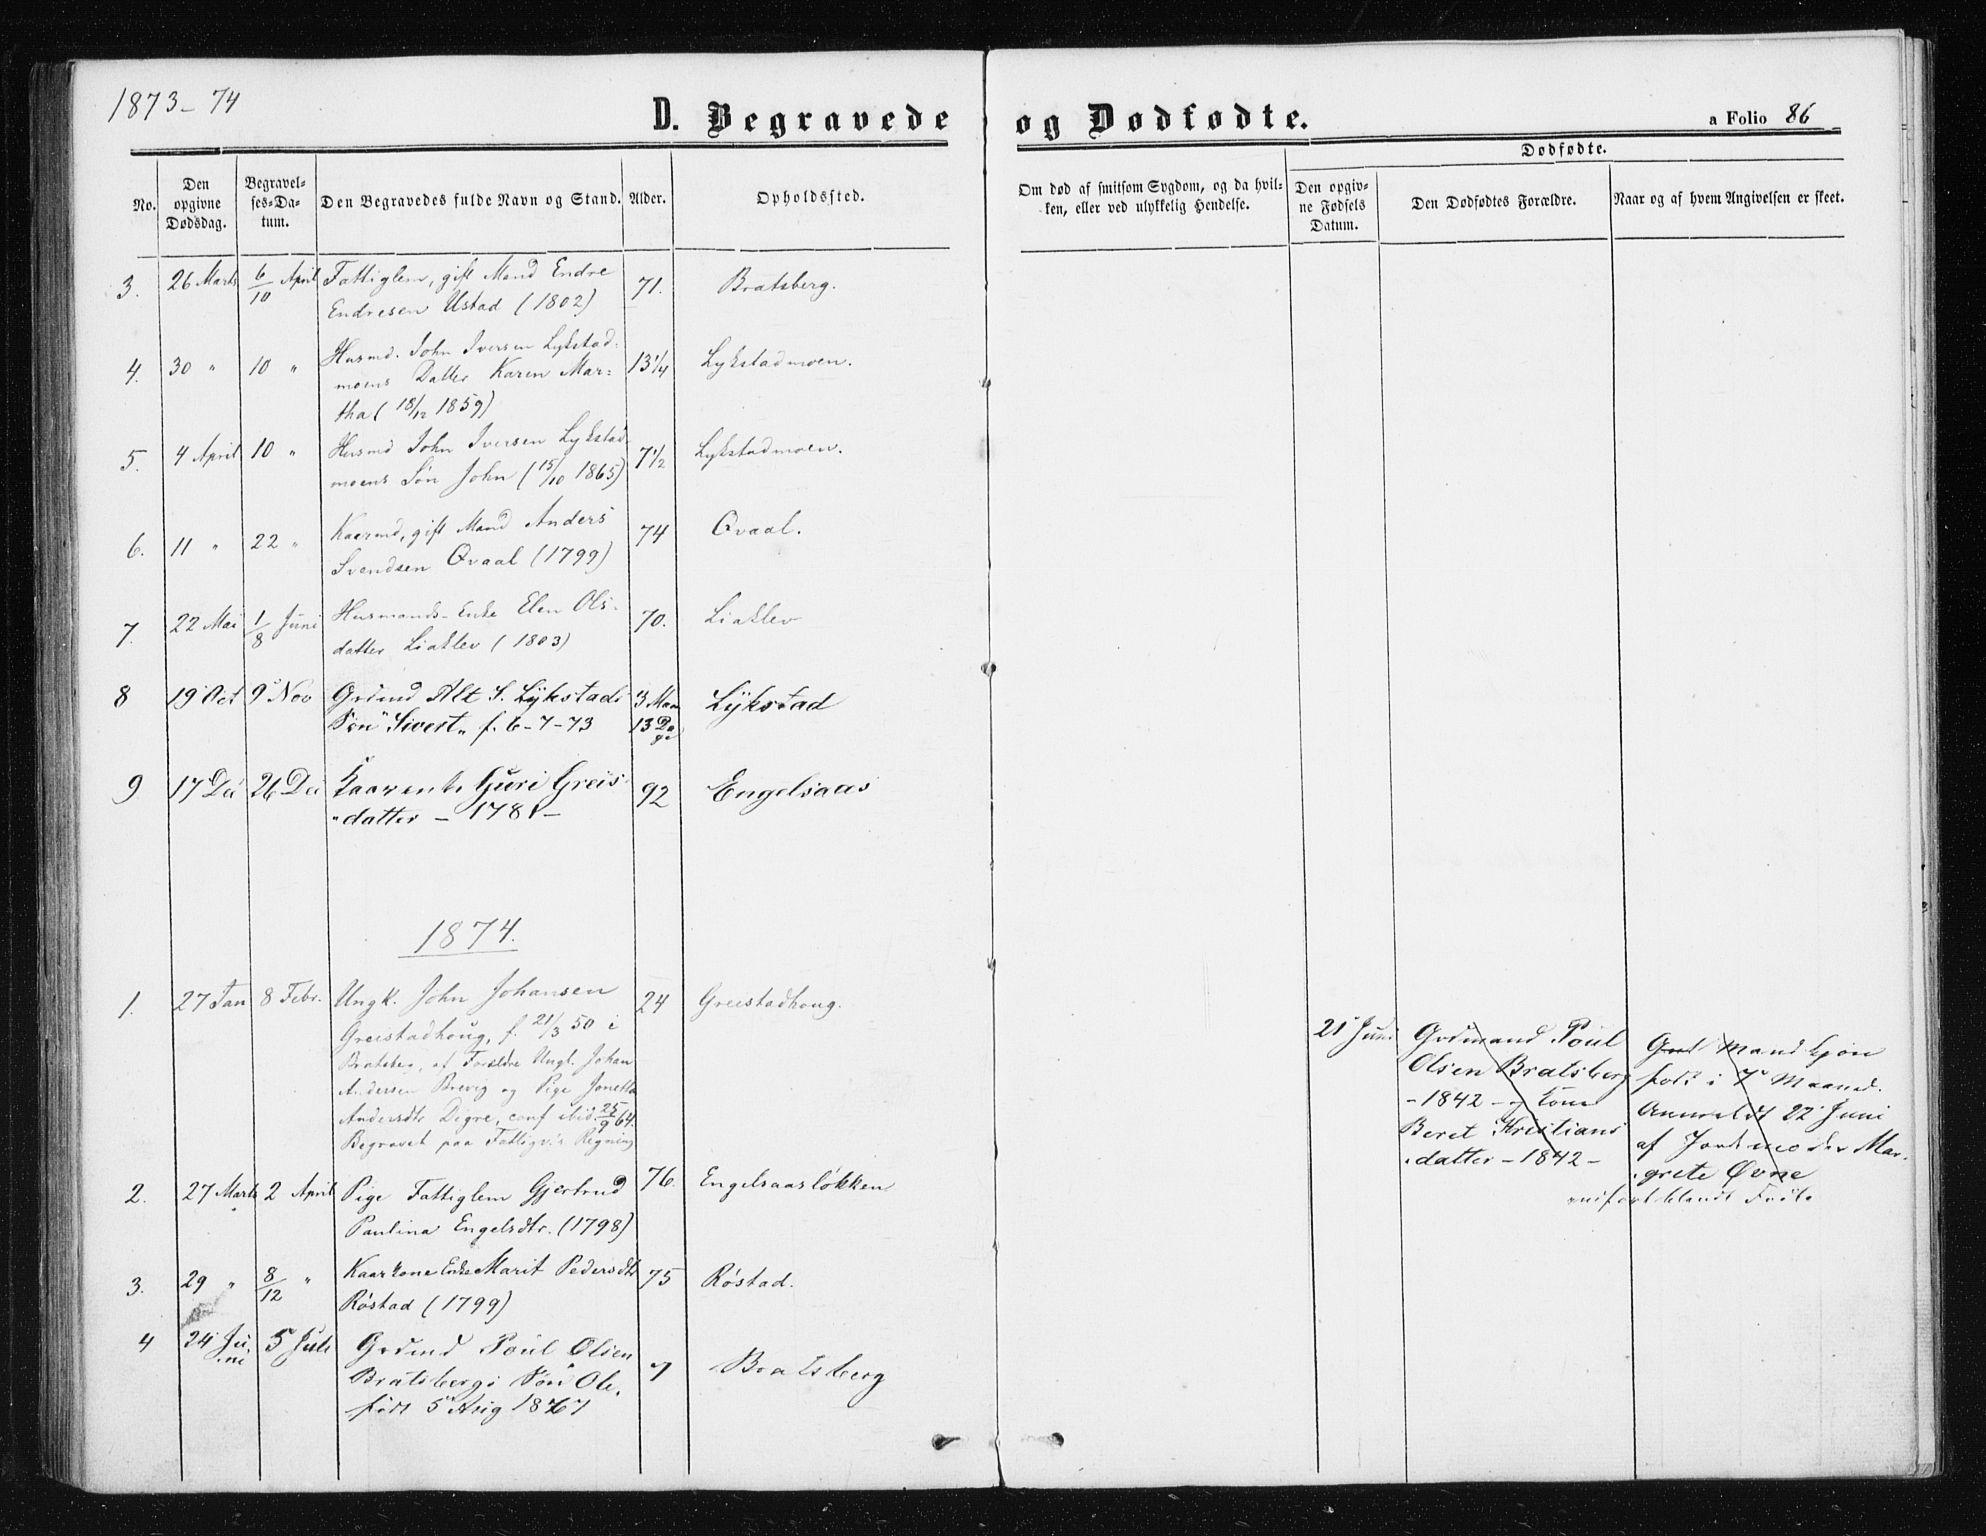 SAT, Ministerialprotokoller, klokkerbøker og fødselsregistre - Sør-Trøndelag, 608/L0333: Ministerialbok nr. 608A02, 1862-1876, s. 86